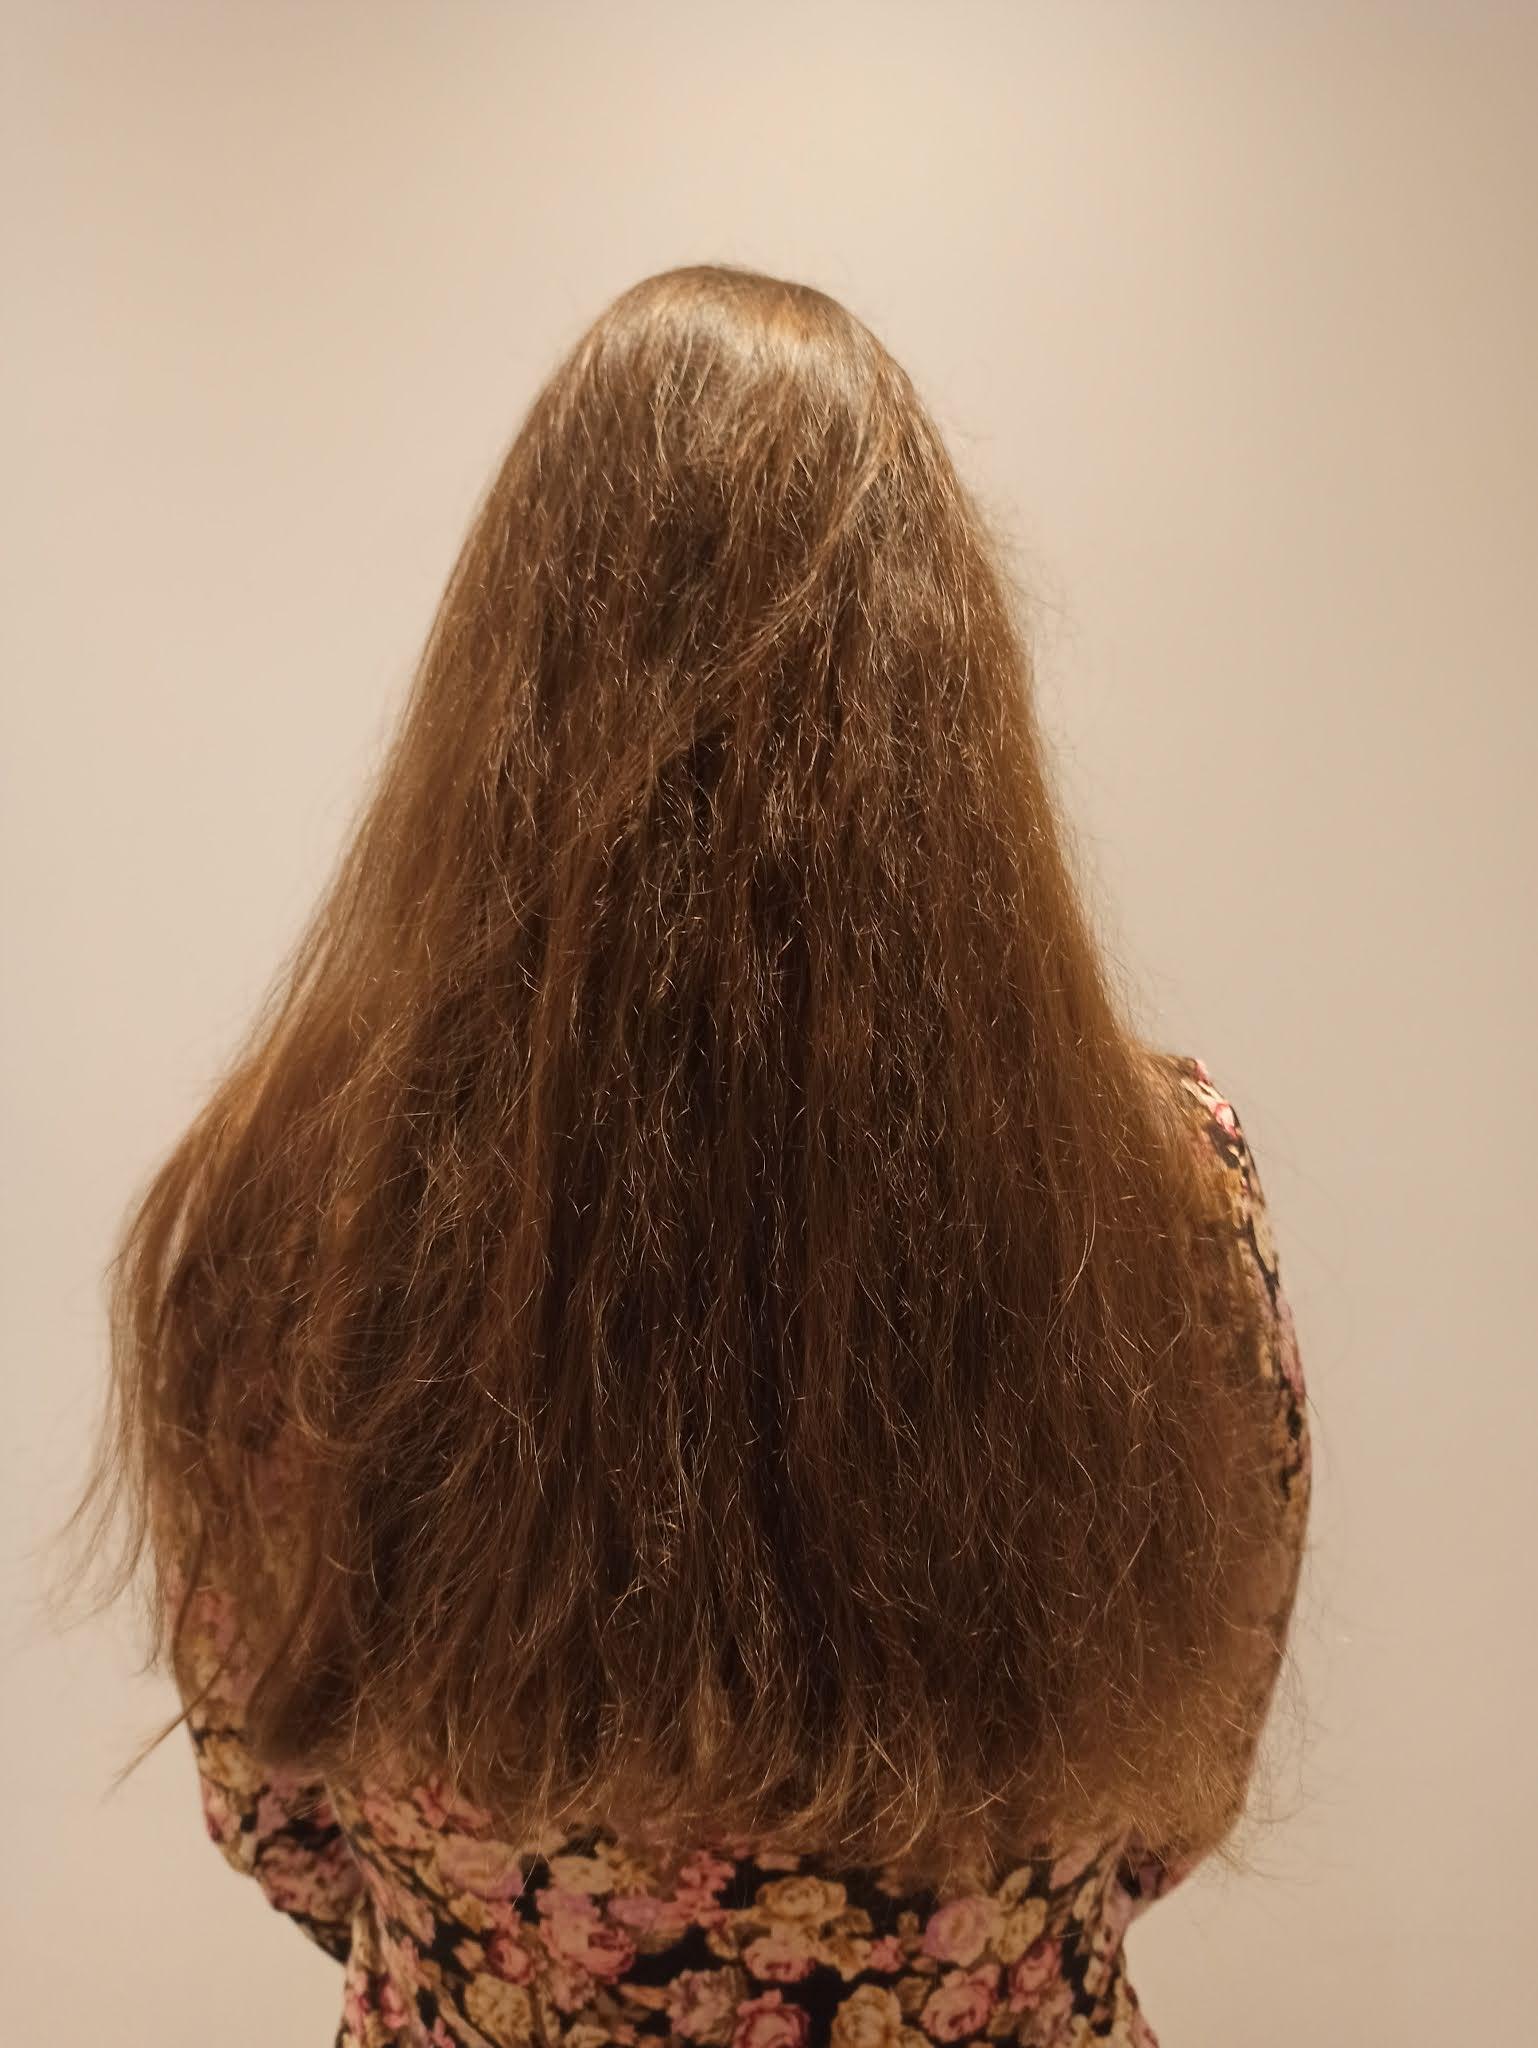 włosy suche, włosy zniszczone